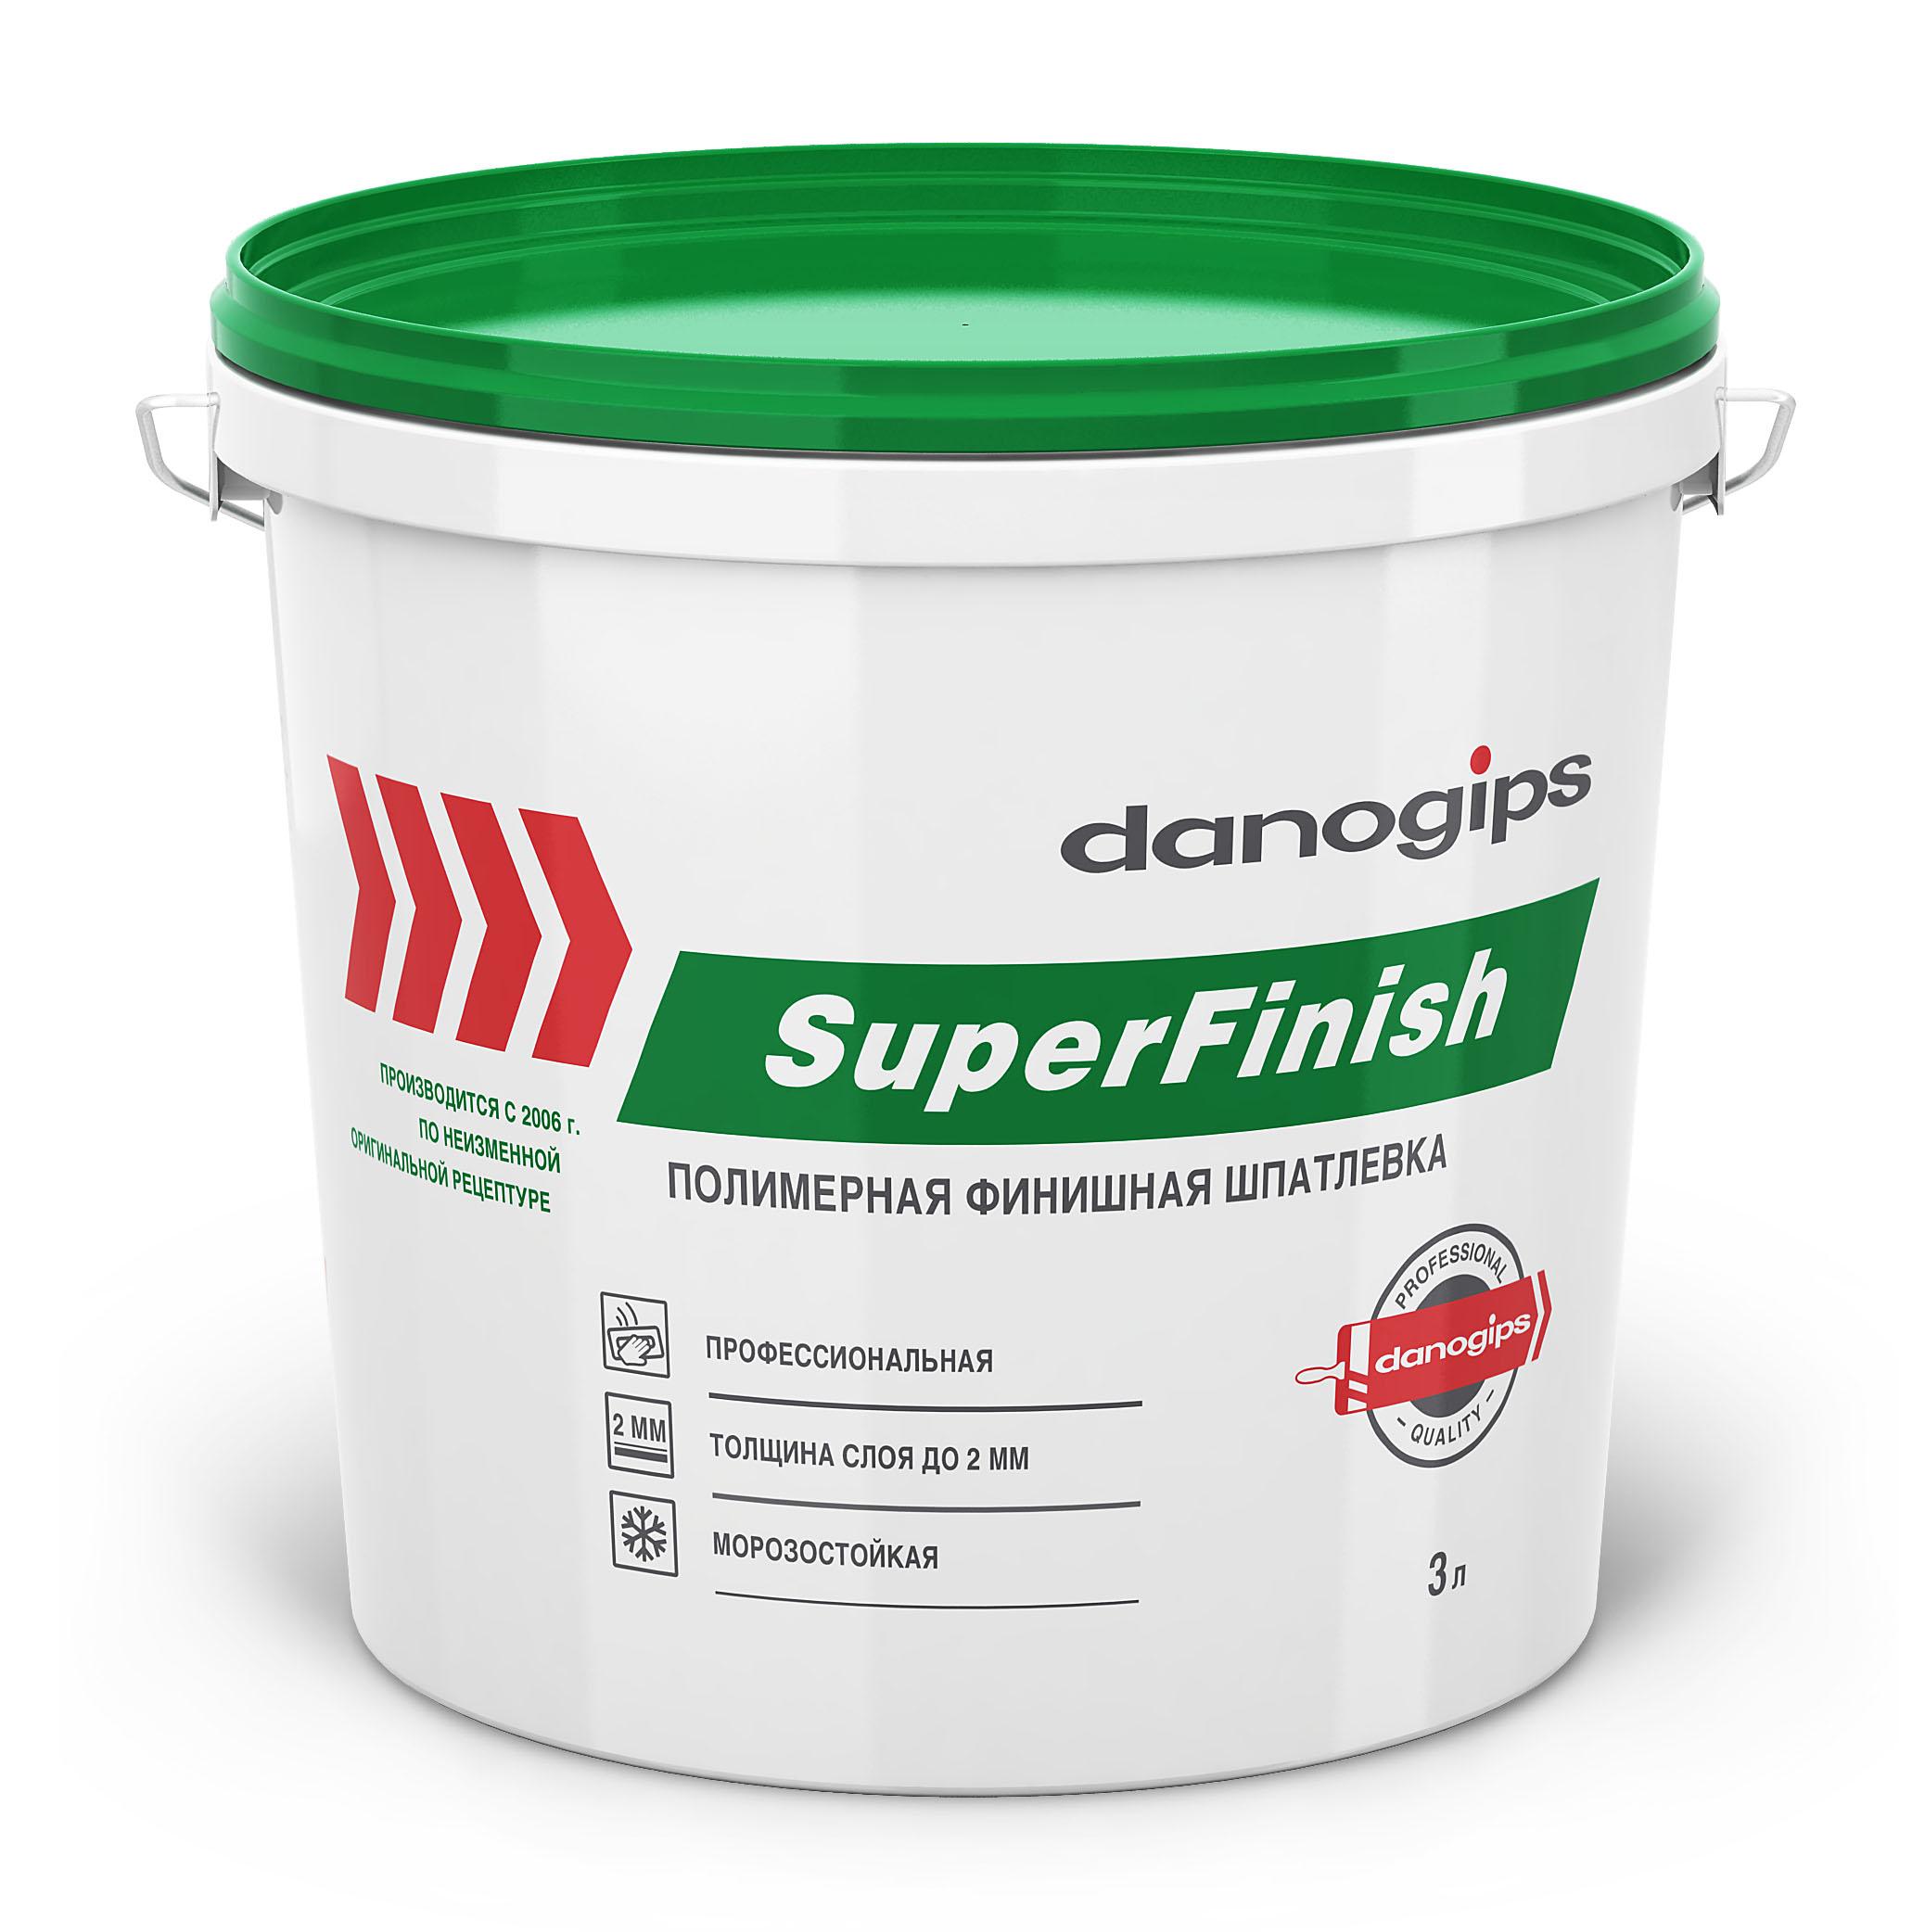 Купить Шпатлевка готовая финишная Danogips SuperFinish, 3 л — Фото №1